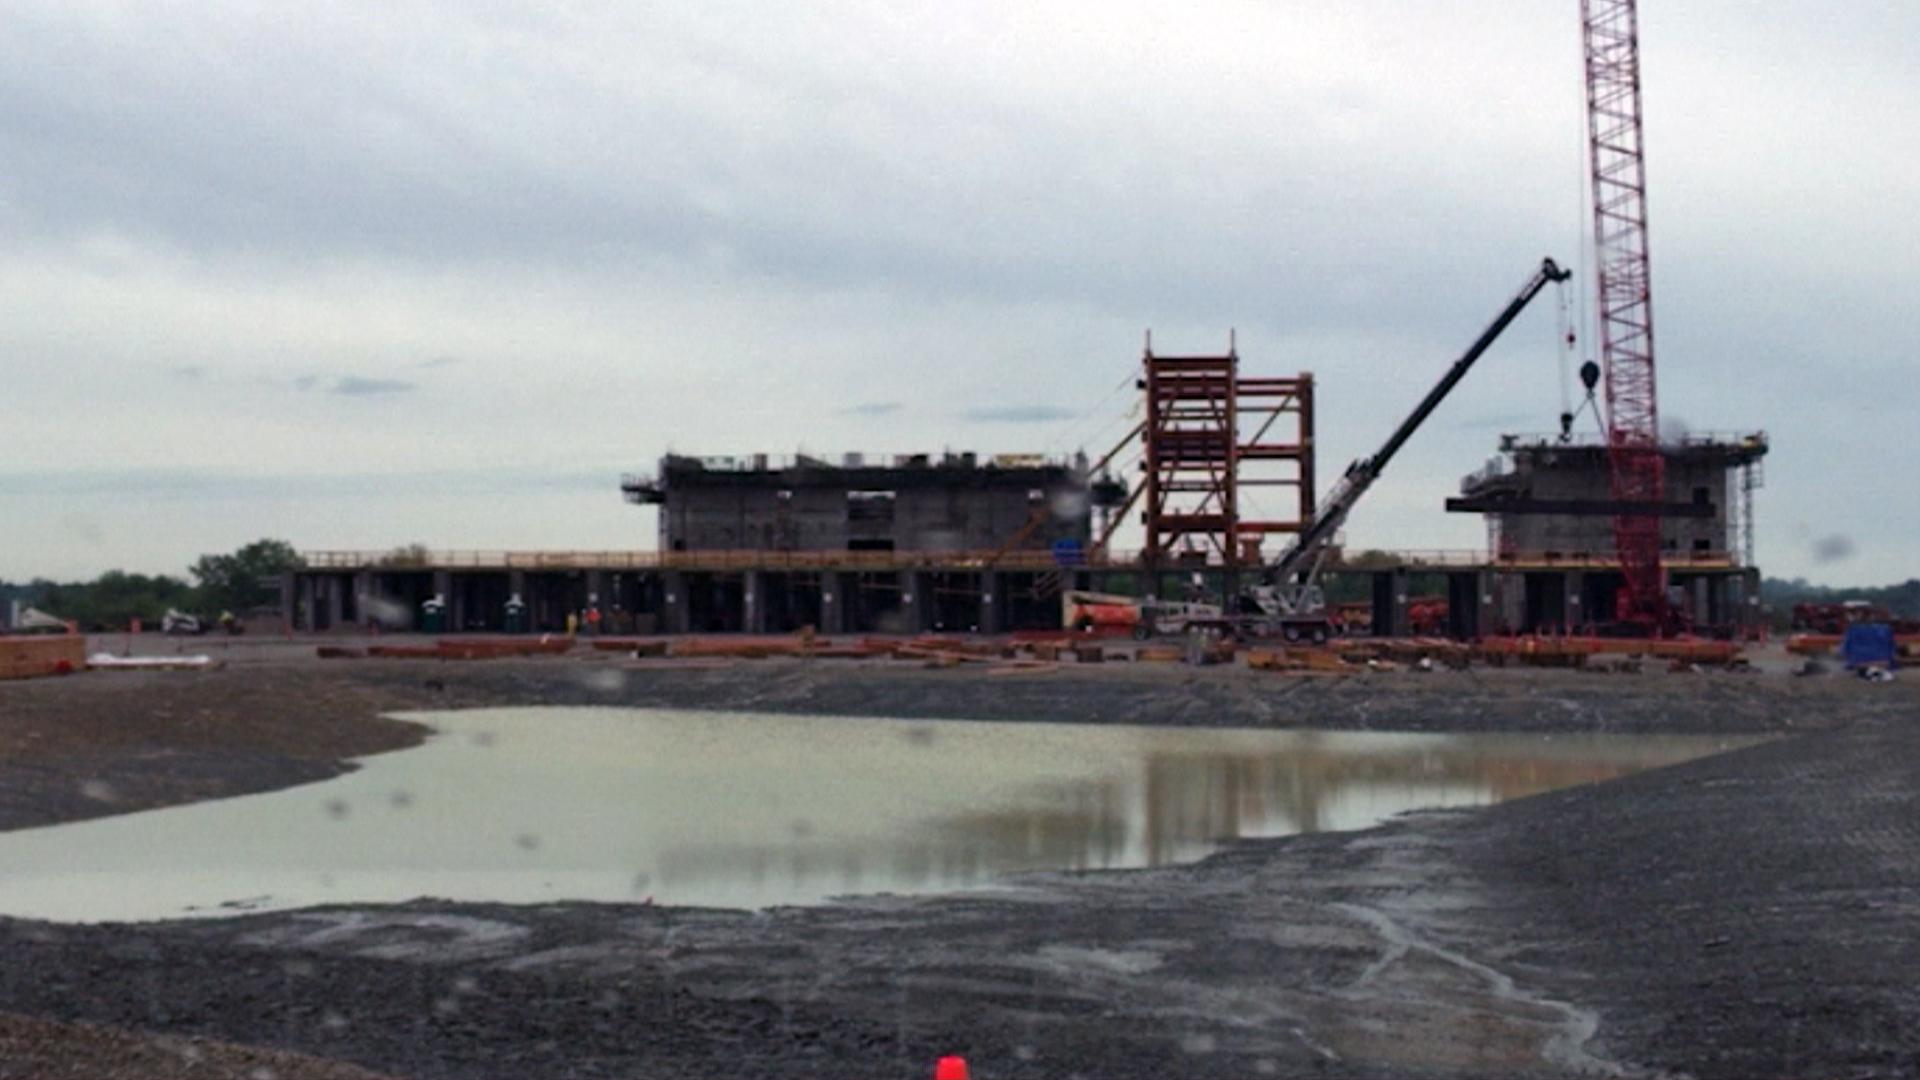 Noah 39 s ark being built in kentucky nbc news for Noah s ark kentucky location